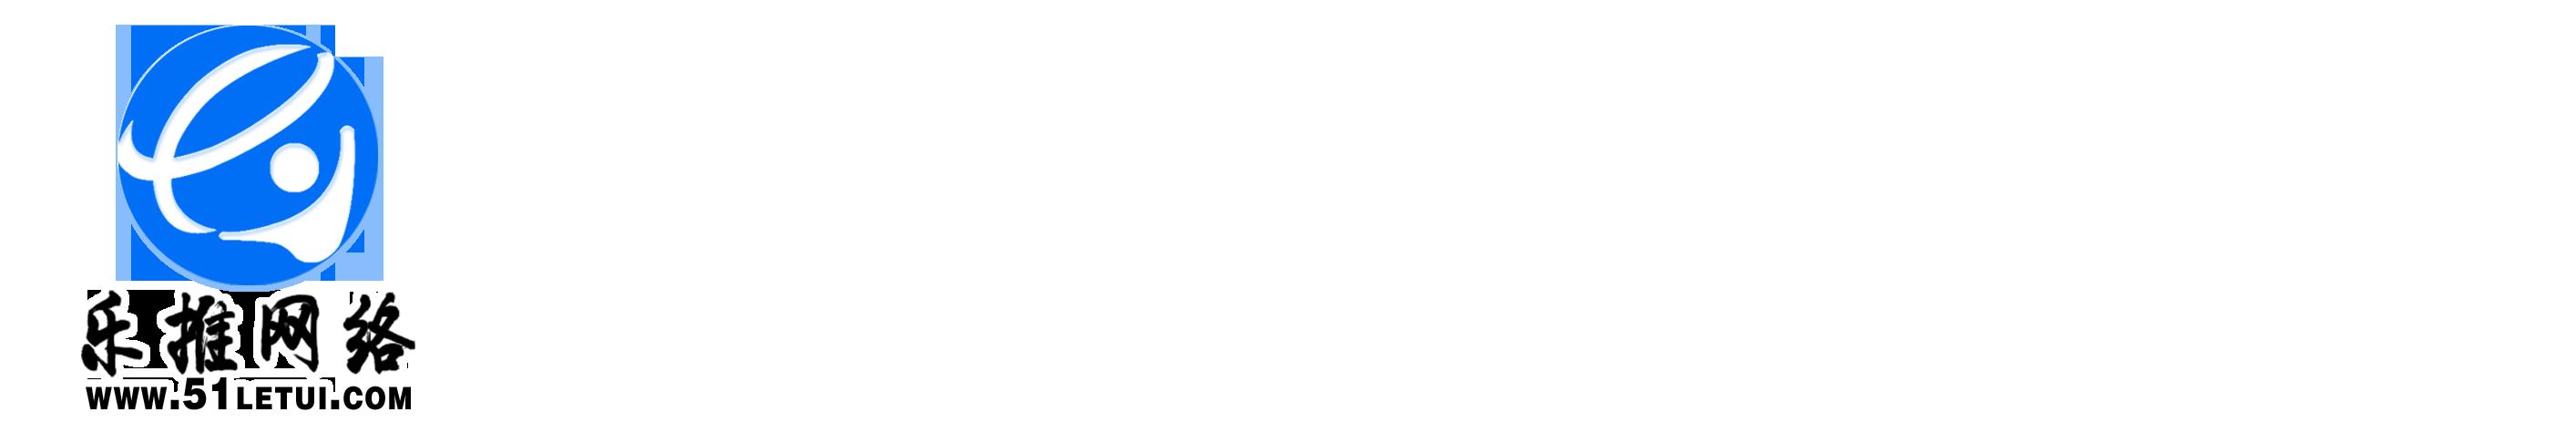 张家口乐推网络科技有限公司